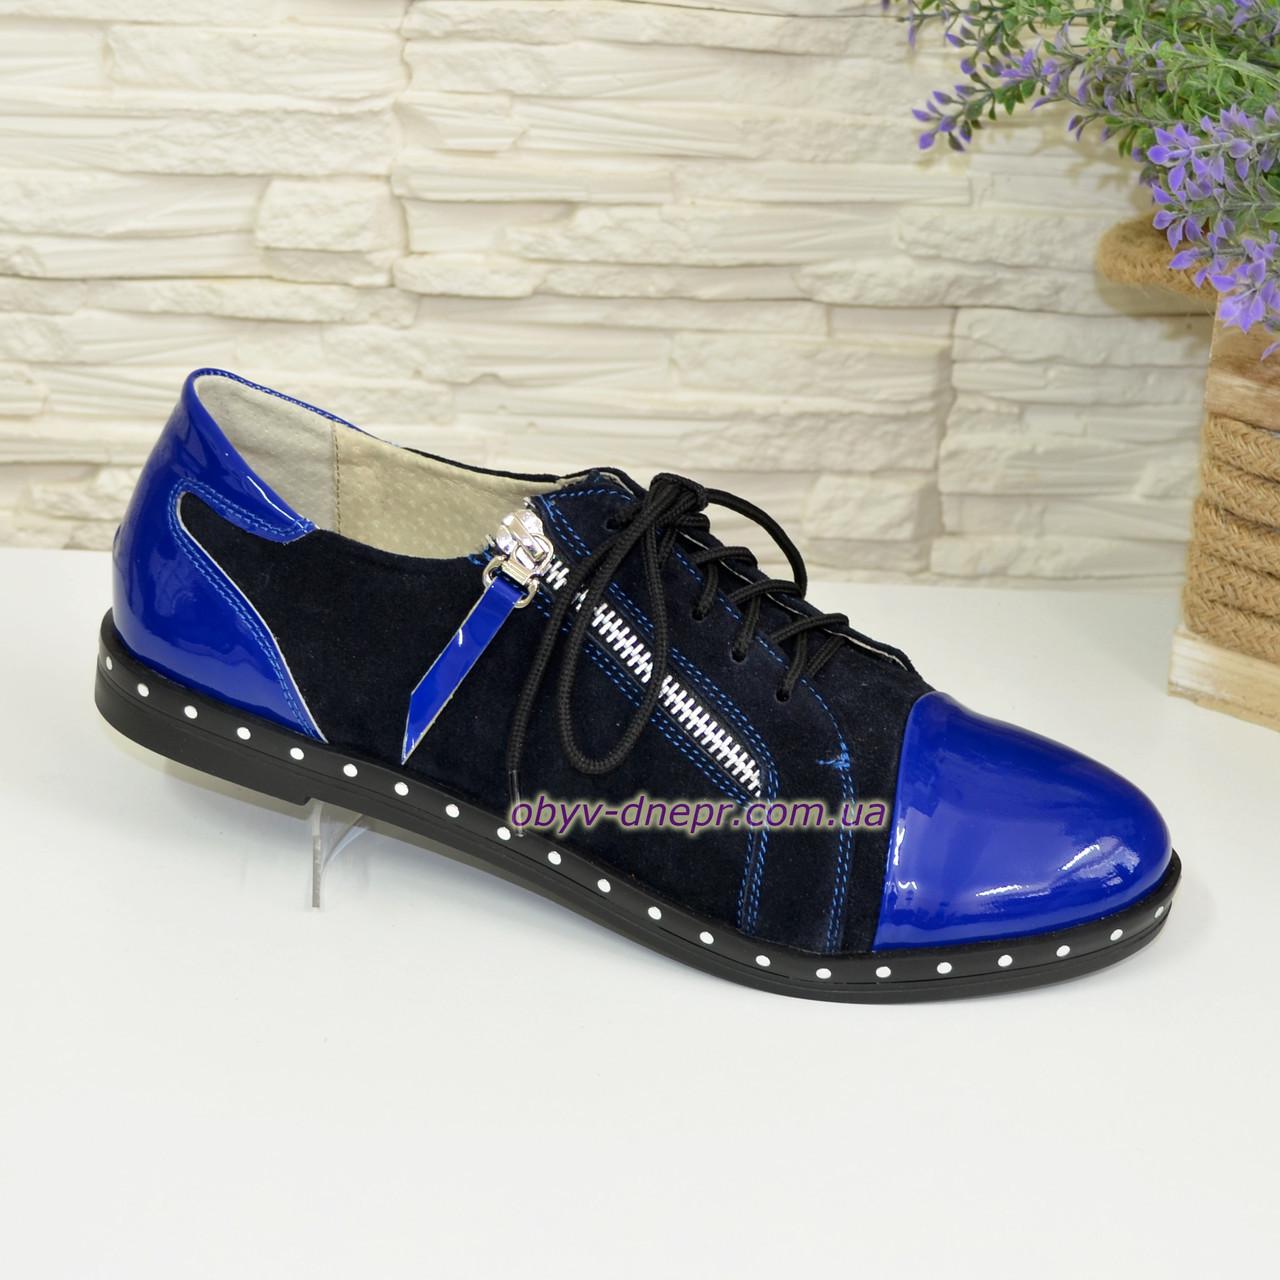 Туфли женские на шнуровке и молнии, цвет синий